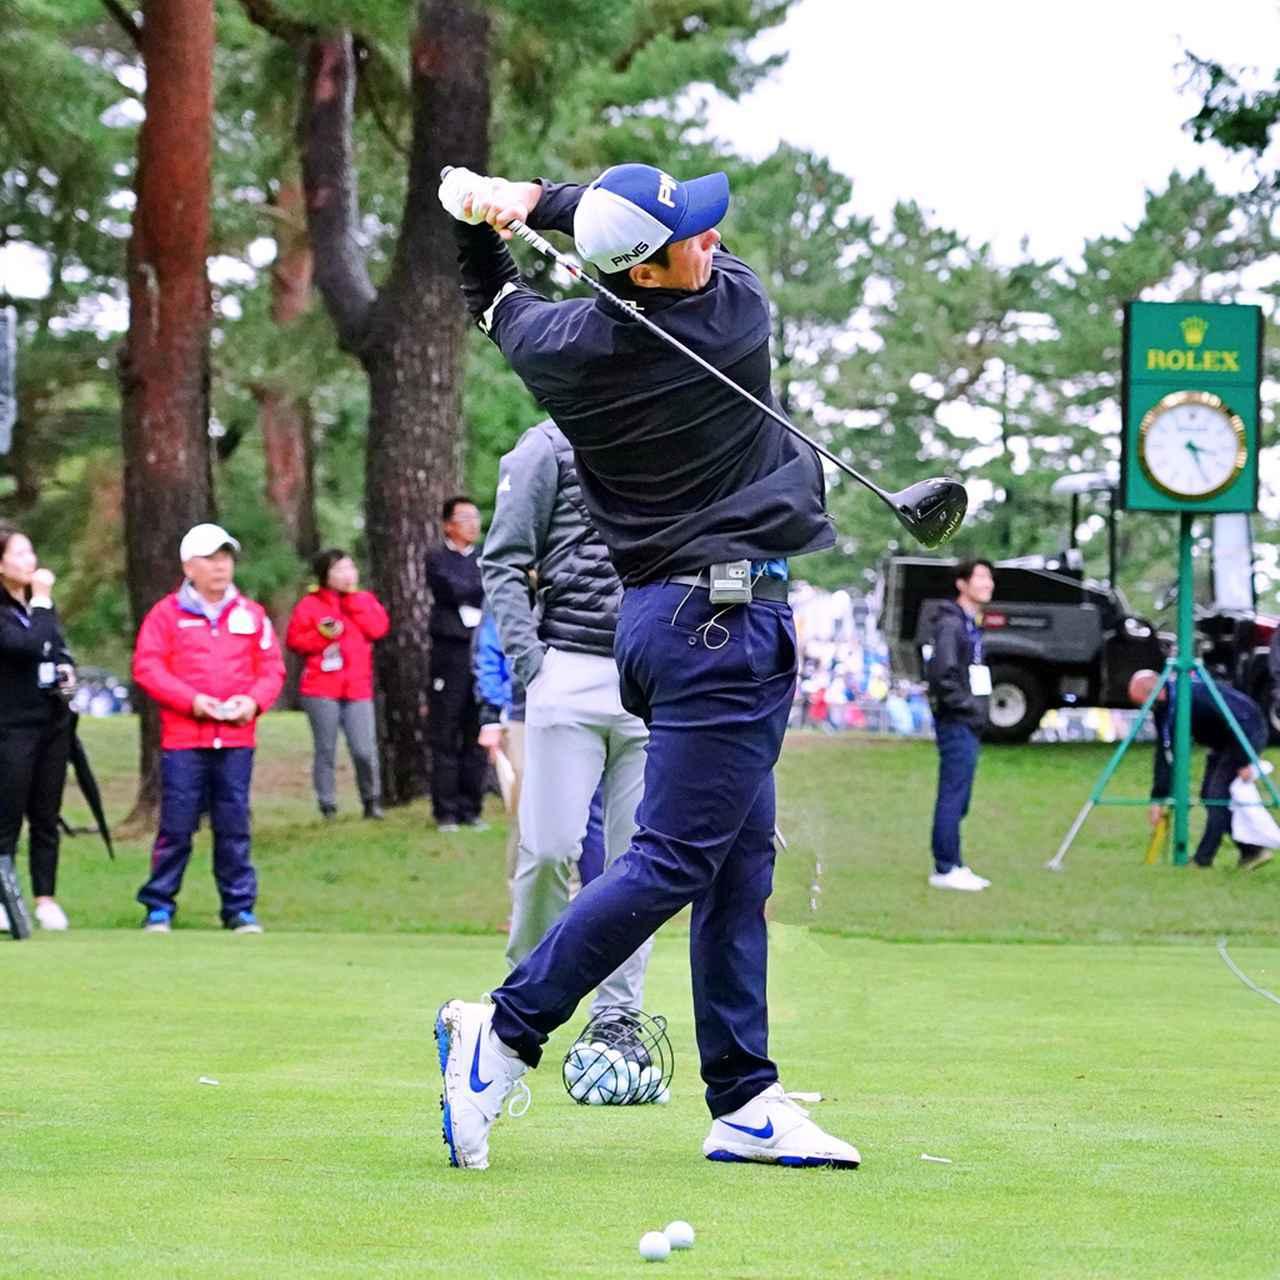 画像20: 【ビクトル・ホブラン/コリン・モリカワ/マシュー・ウルフ】PGAツアーの黄金世代は、すでに全員チャンピオン!